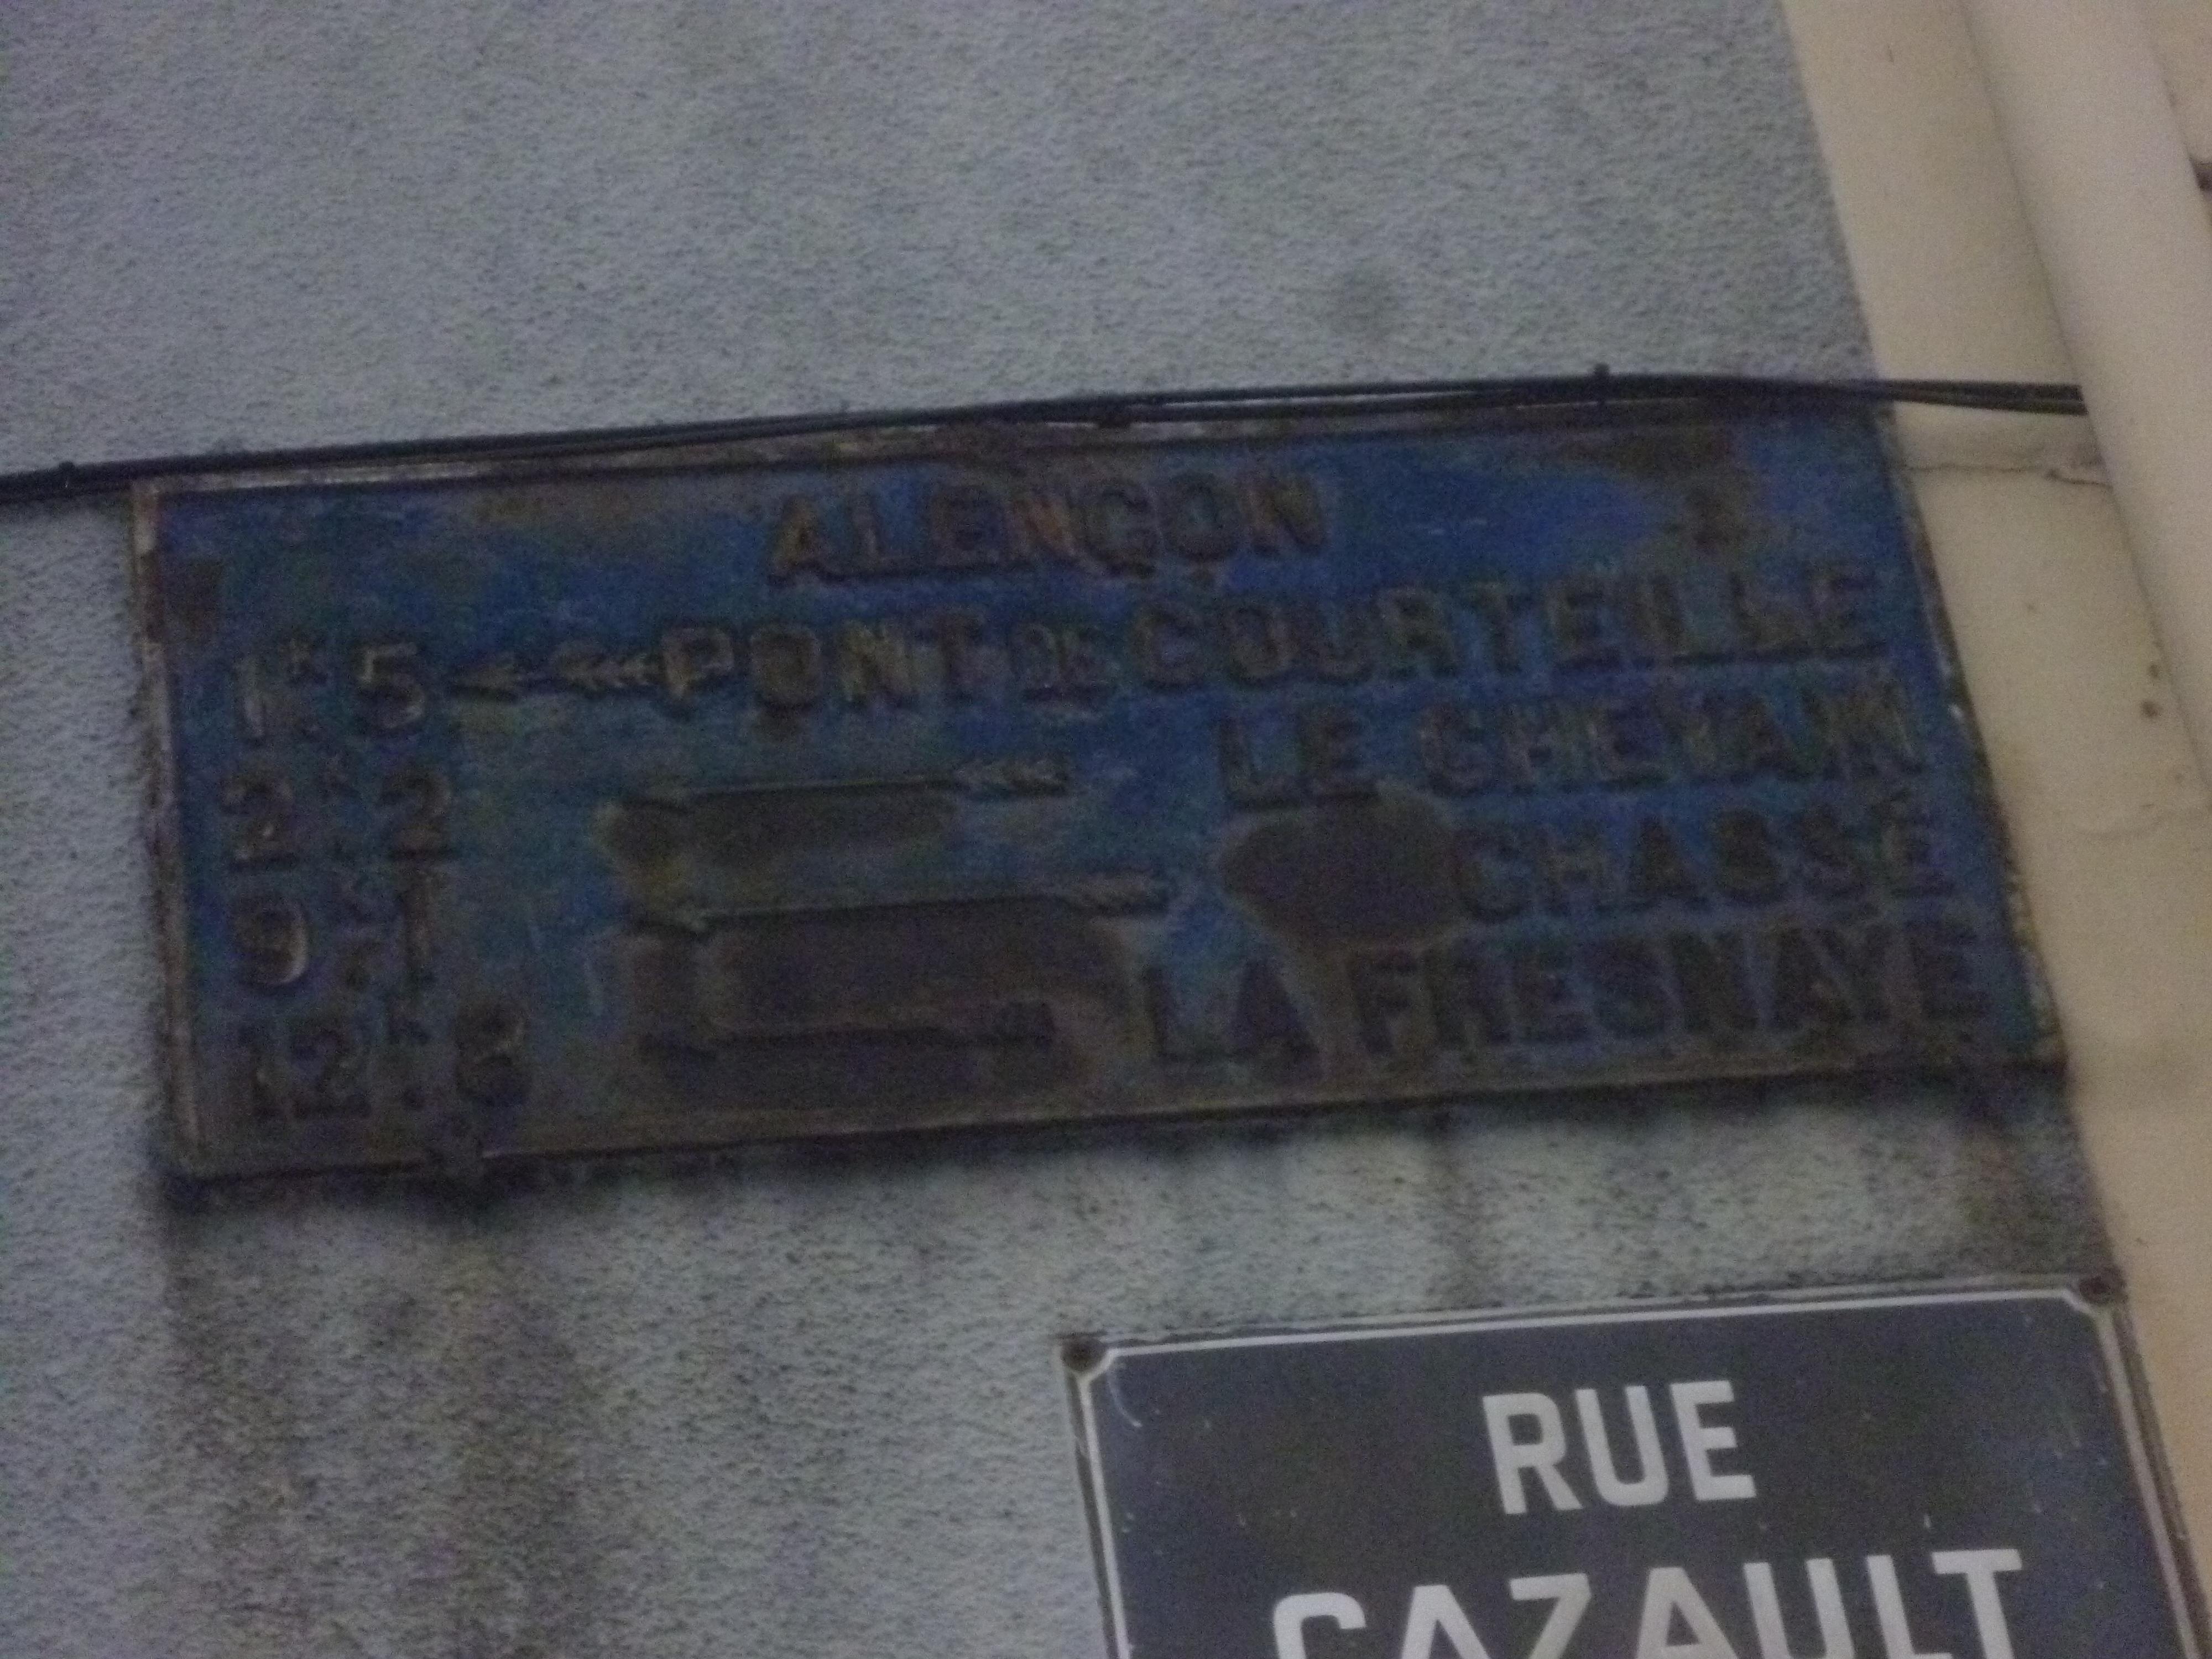 Zone 61 - Alençon, rue Cazault - Plaque de cocher - Pont de Courteille - Le Chevain - Chassé - La Fresnaye (Gwéna Tireau)